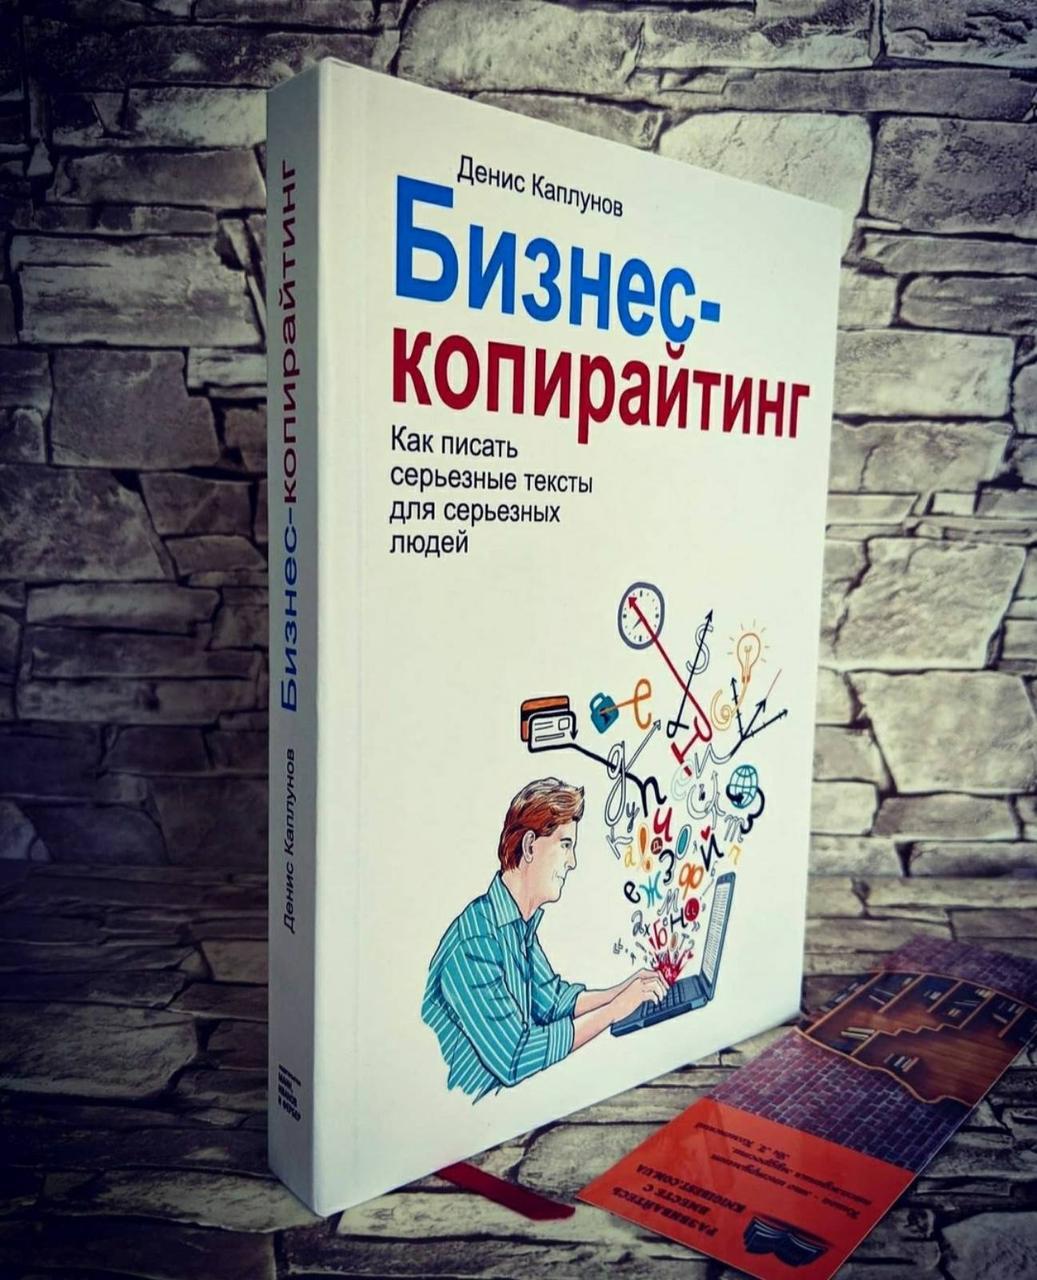 """Книга """"Бизнес-копирайтинг. Как писать серьезные тексты для серьезных людей"""" Денис Каплунов"""